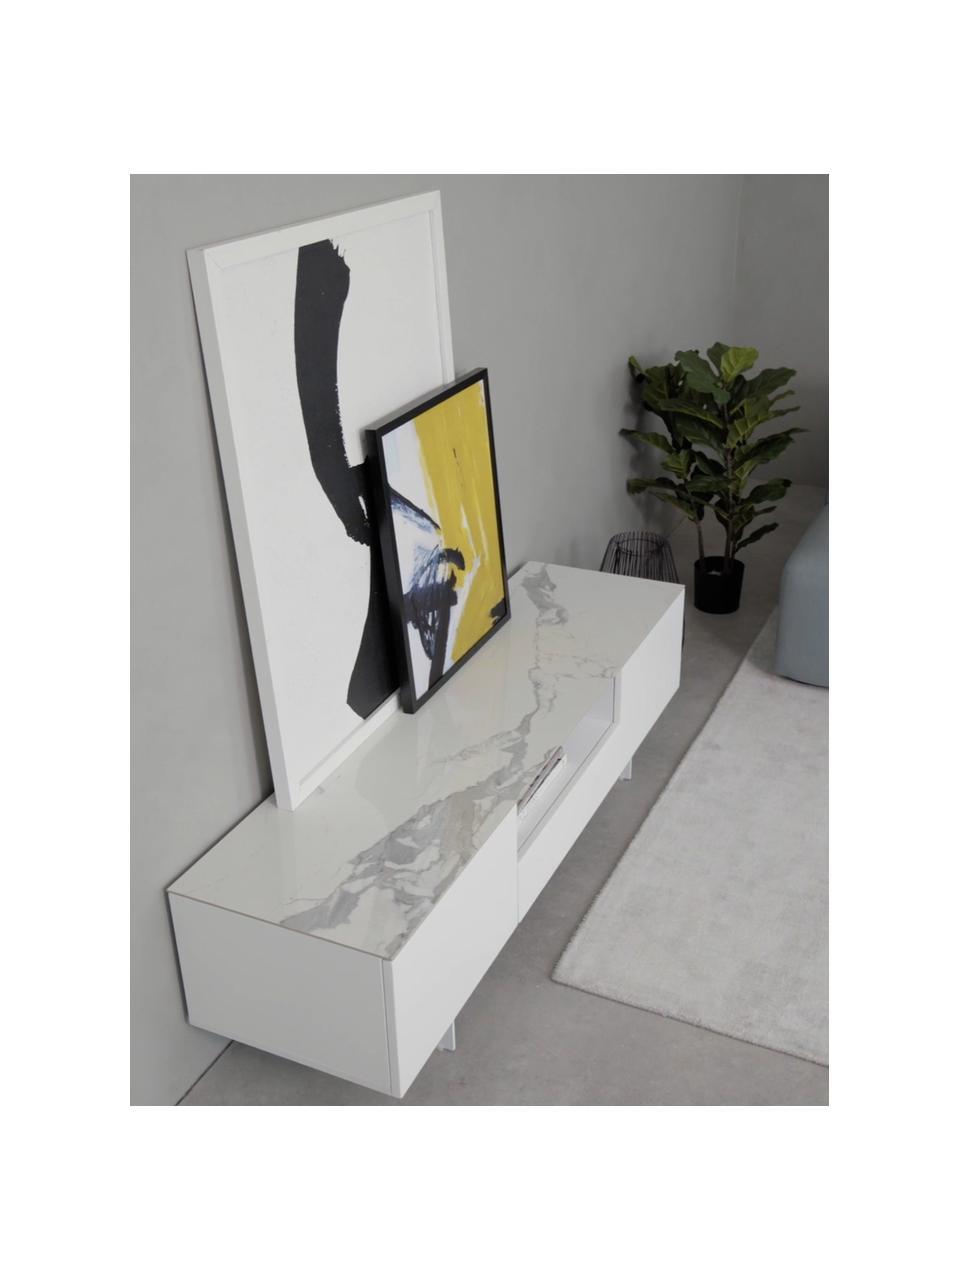 Witte Tv-meubel Fiona met oppervlak in marmerlook, Frame: gelakt MDF, Poten: gepoedercoat metaal, Plank: keramiek, Frame: mat wit poten: mat wit plank: wit, gemarmerd, 160 x 46 cm